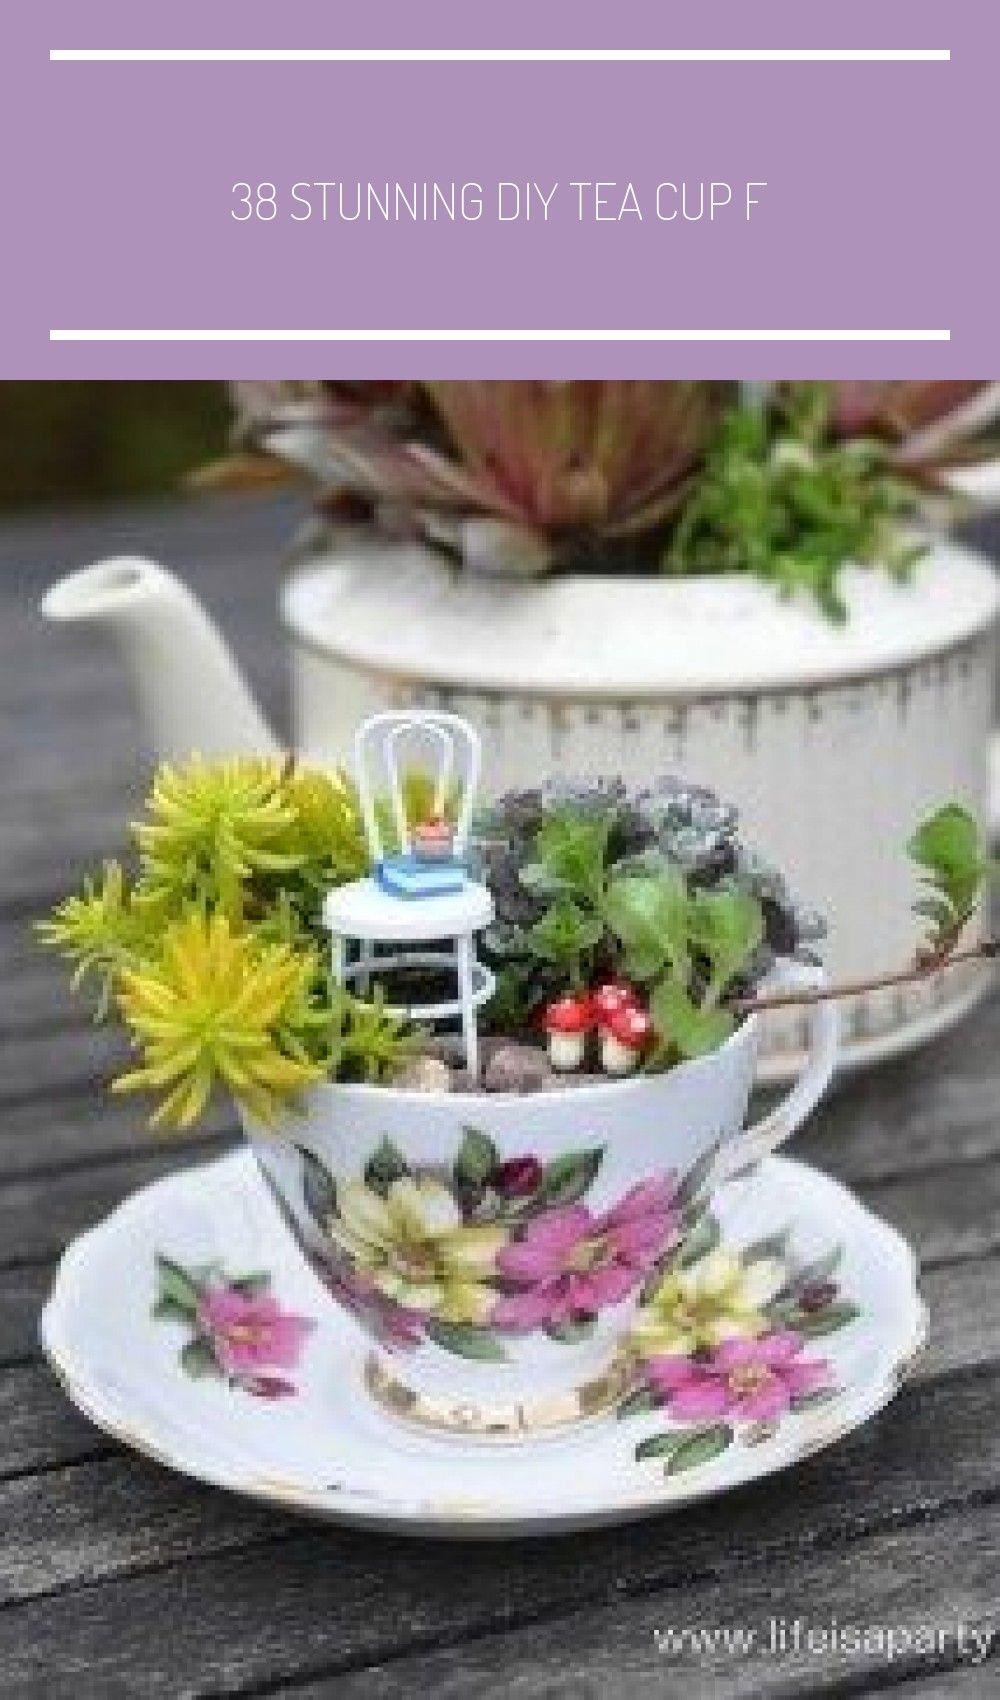 Fai Da Te Giardino Zen 38 stunning diy tea cup fairy garden ideas - hoomdesign